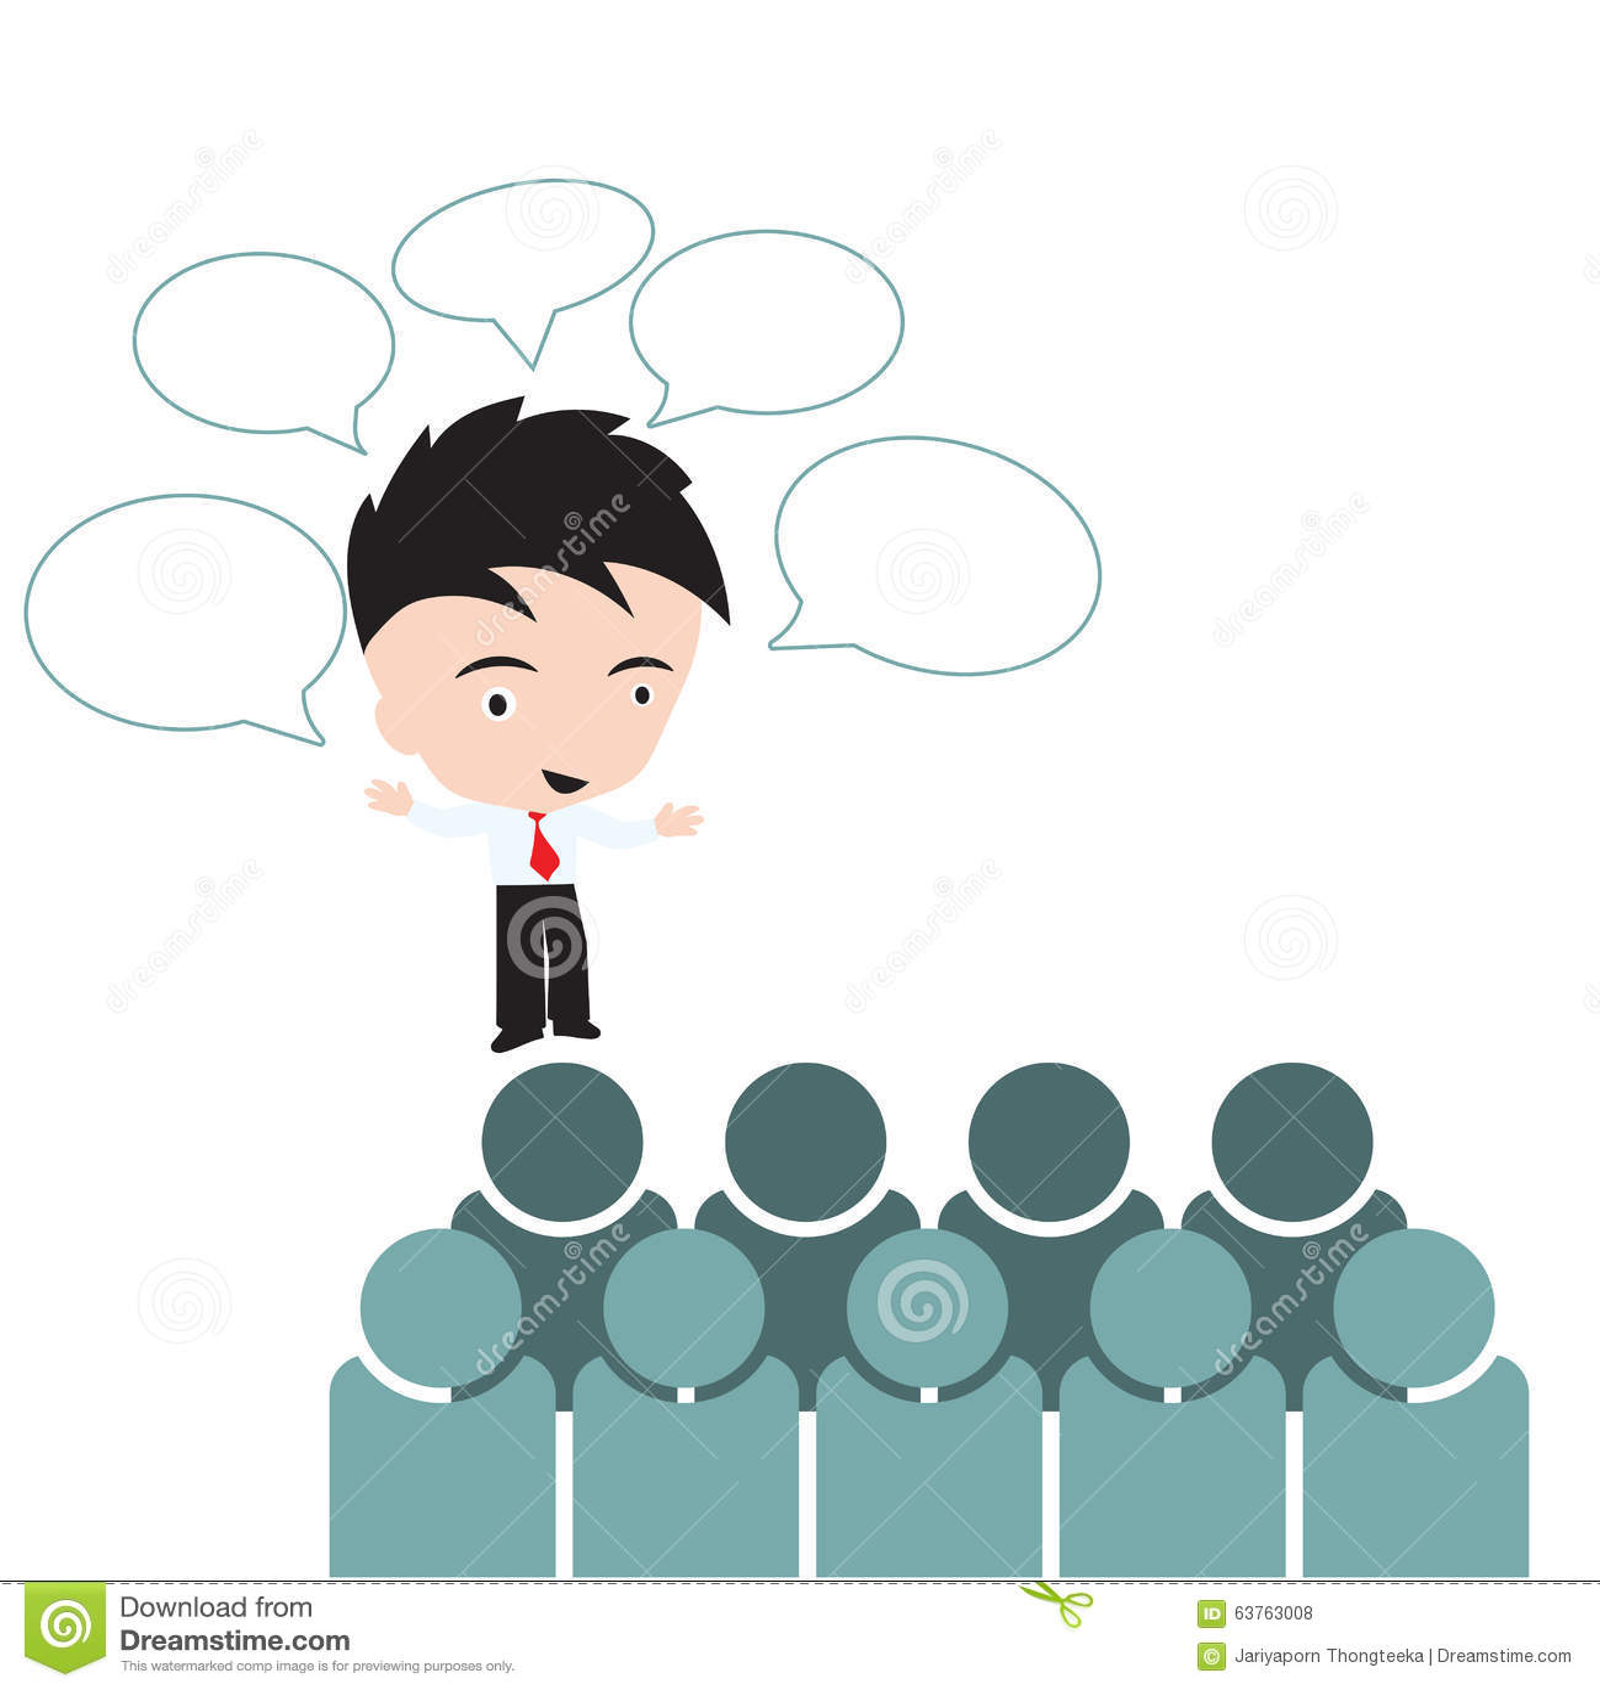 Rencontre professionnelle: comment se présenter avec succès